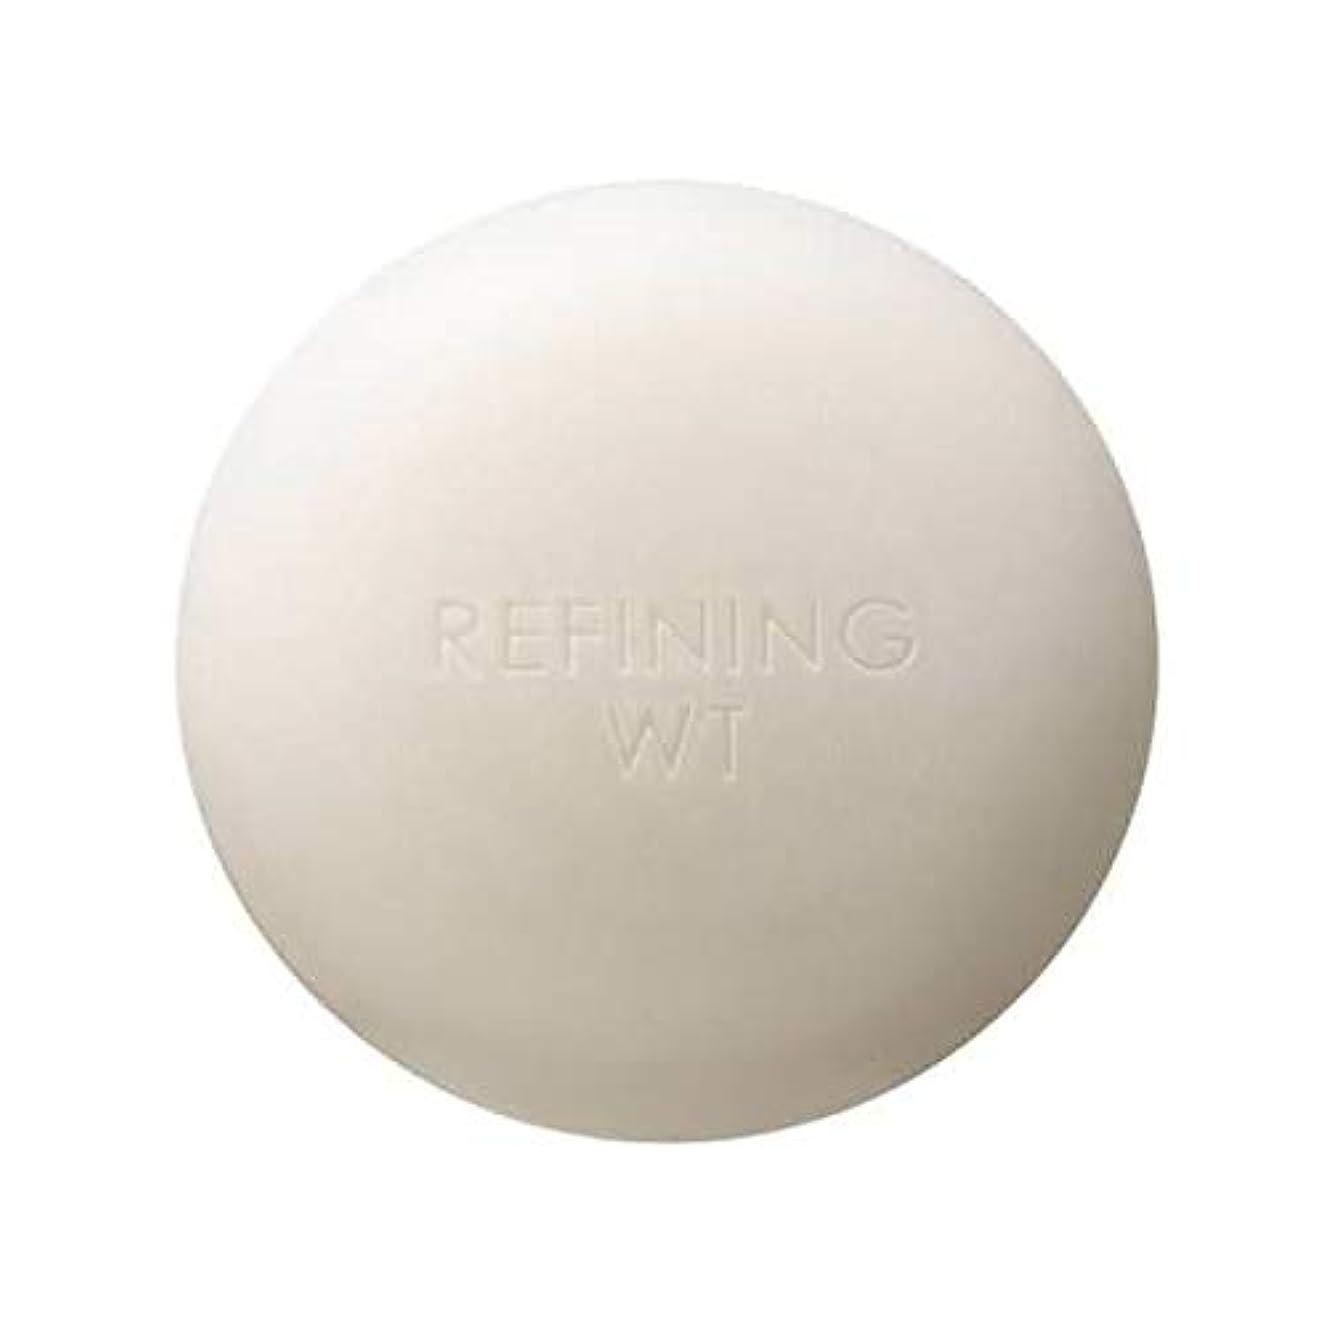 整然とした先例製品【ハウス オブ ローゼ】 リファイニングWT ウォッシングソープ 〔薬用洗顔石けん〕 医薬部外品 標準重量80g(化粧箱入り)